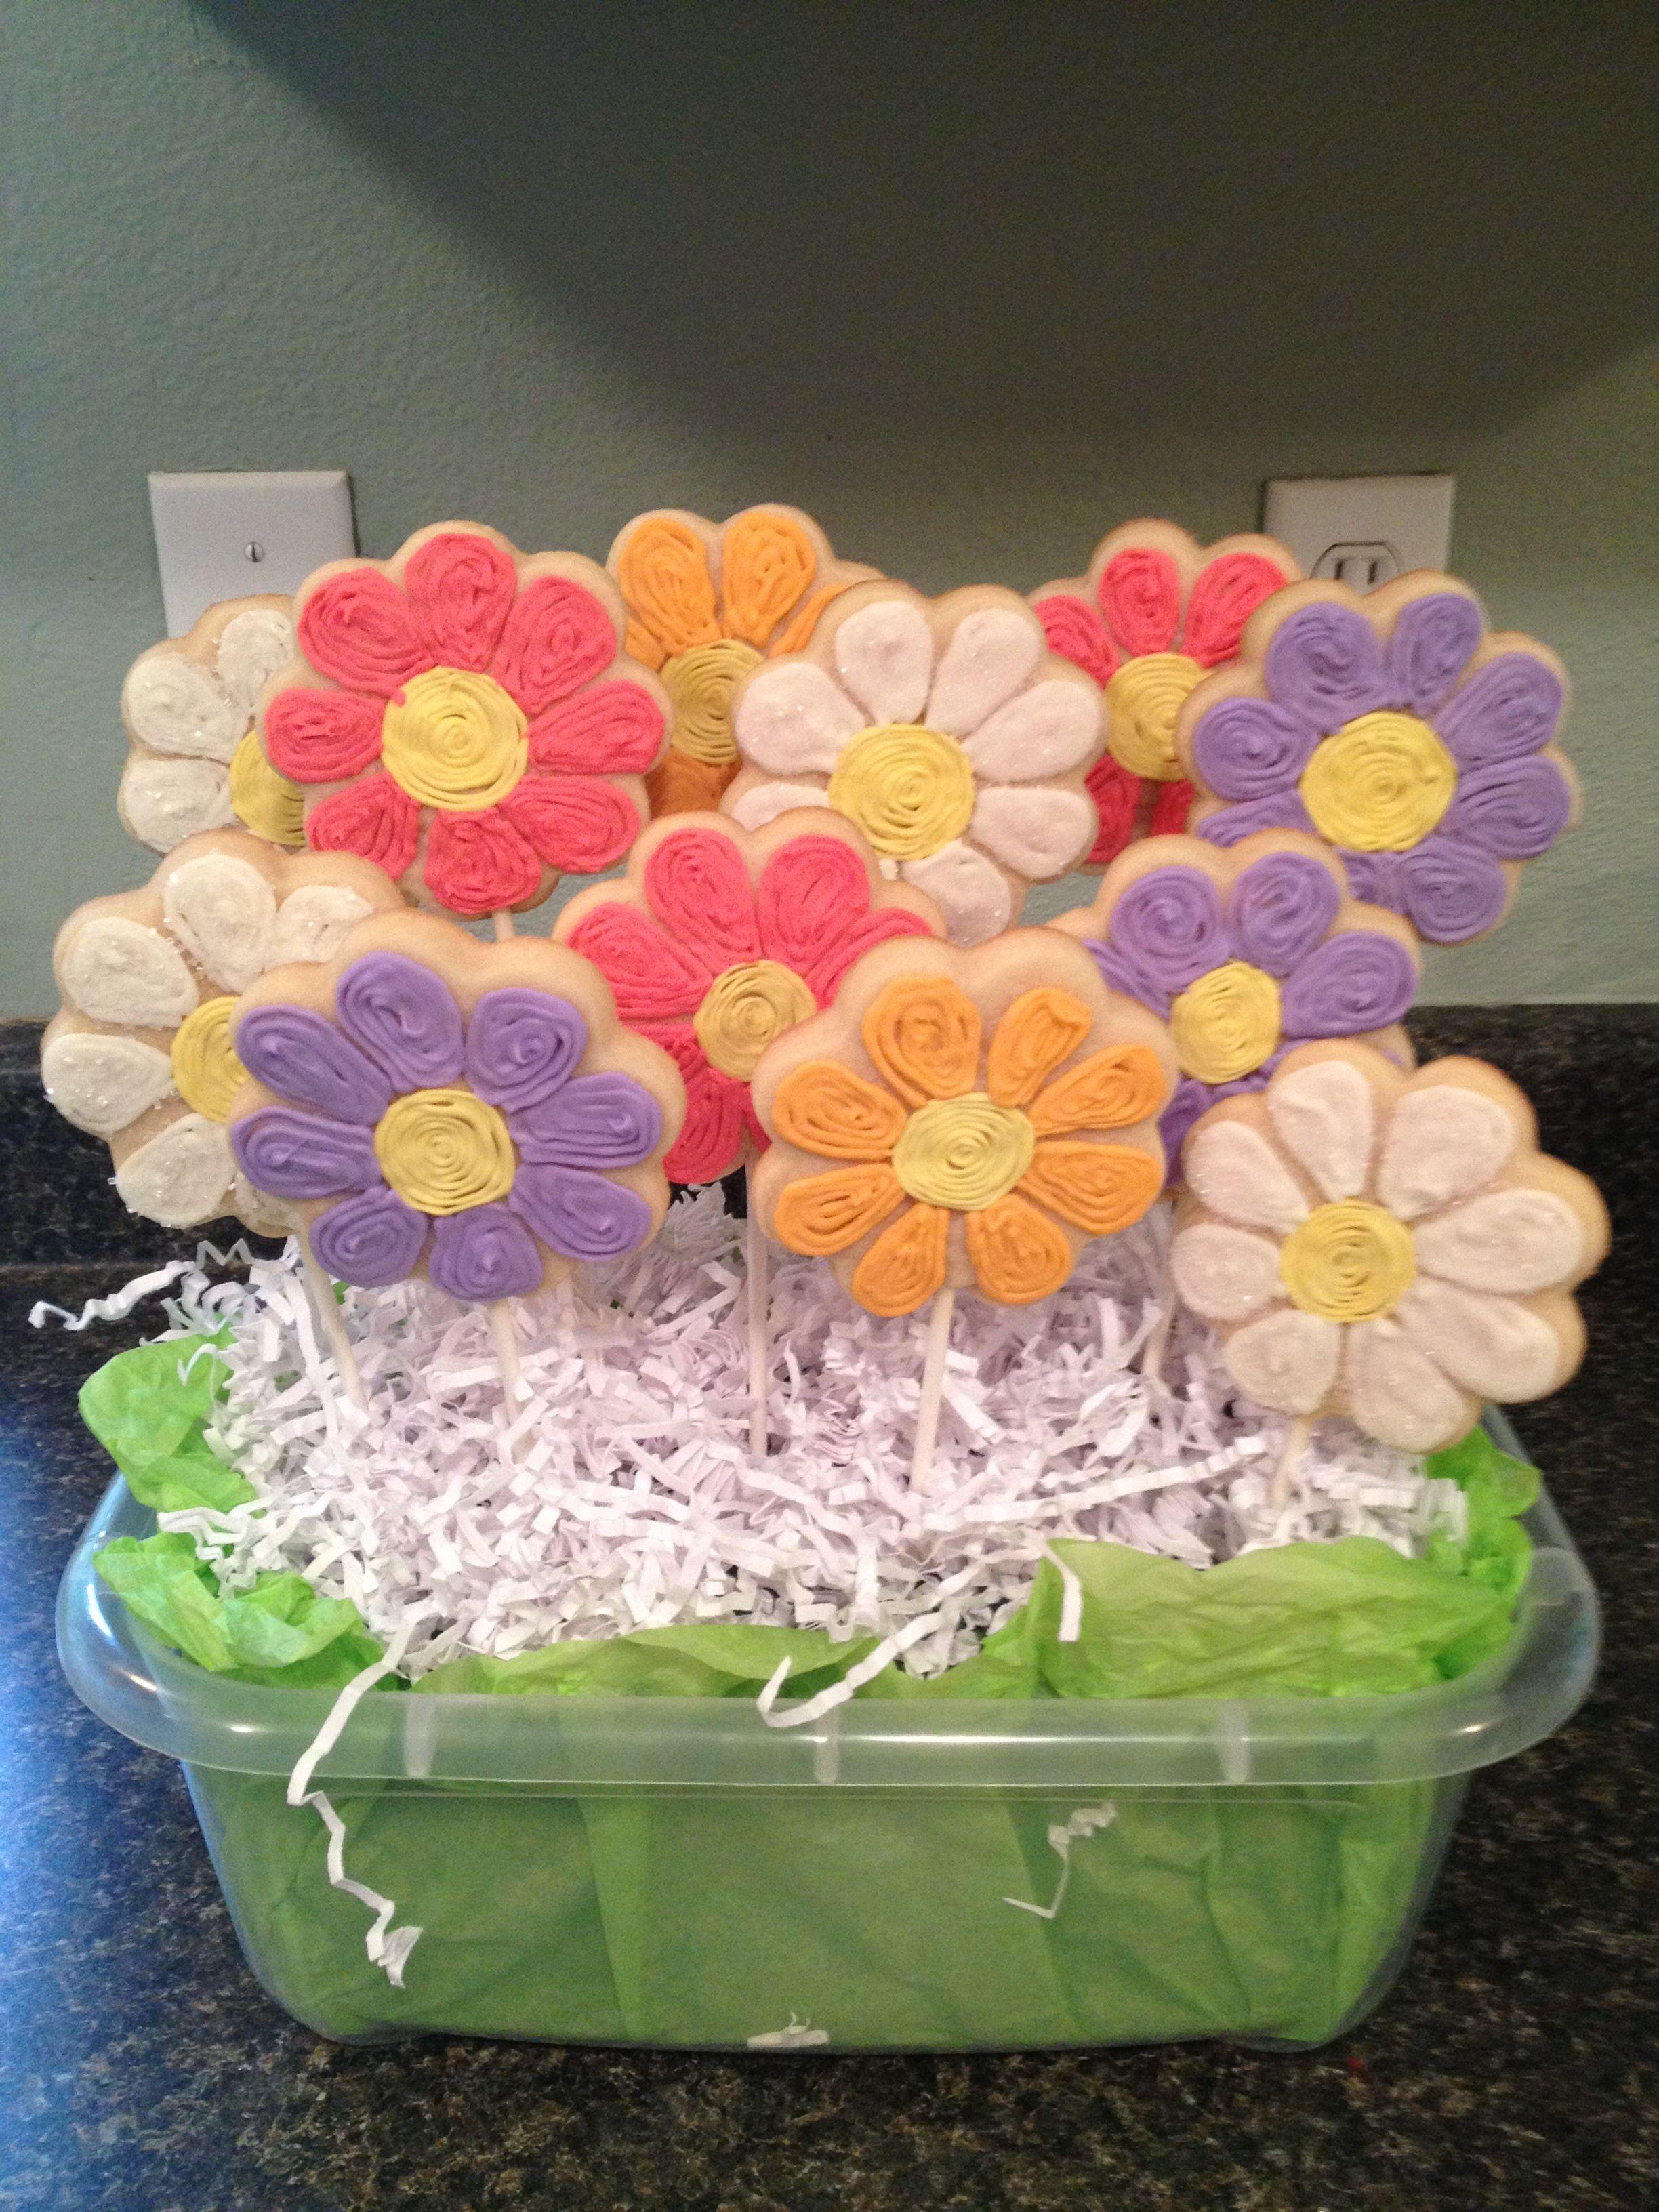 Flower Cookie Bouquet by CookiesbyMeesa | COOKIES! | Pinterest ...